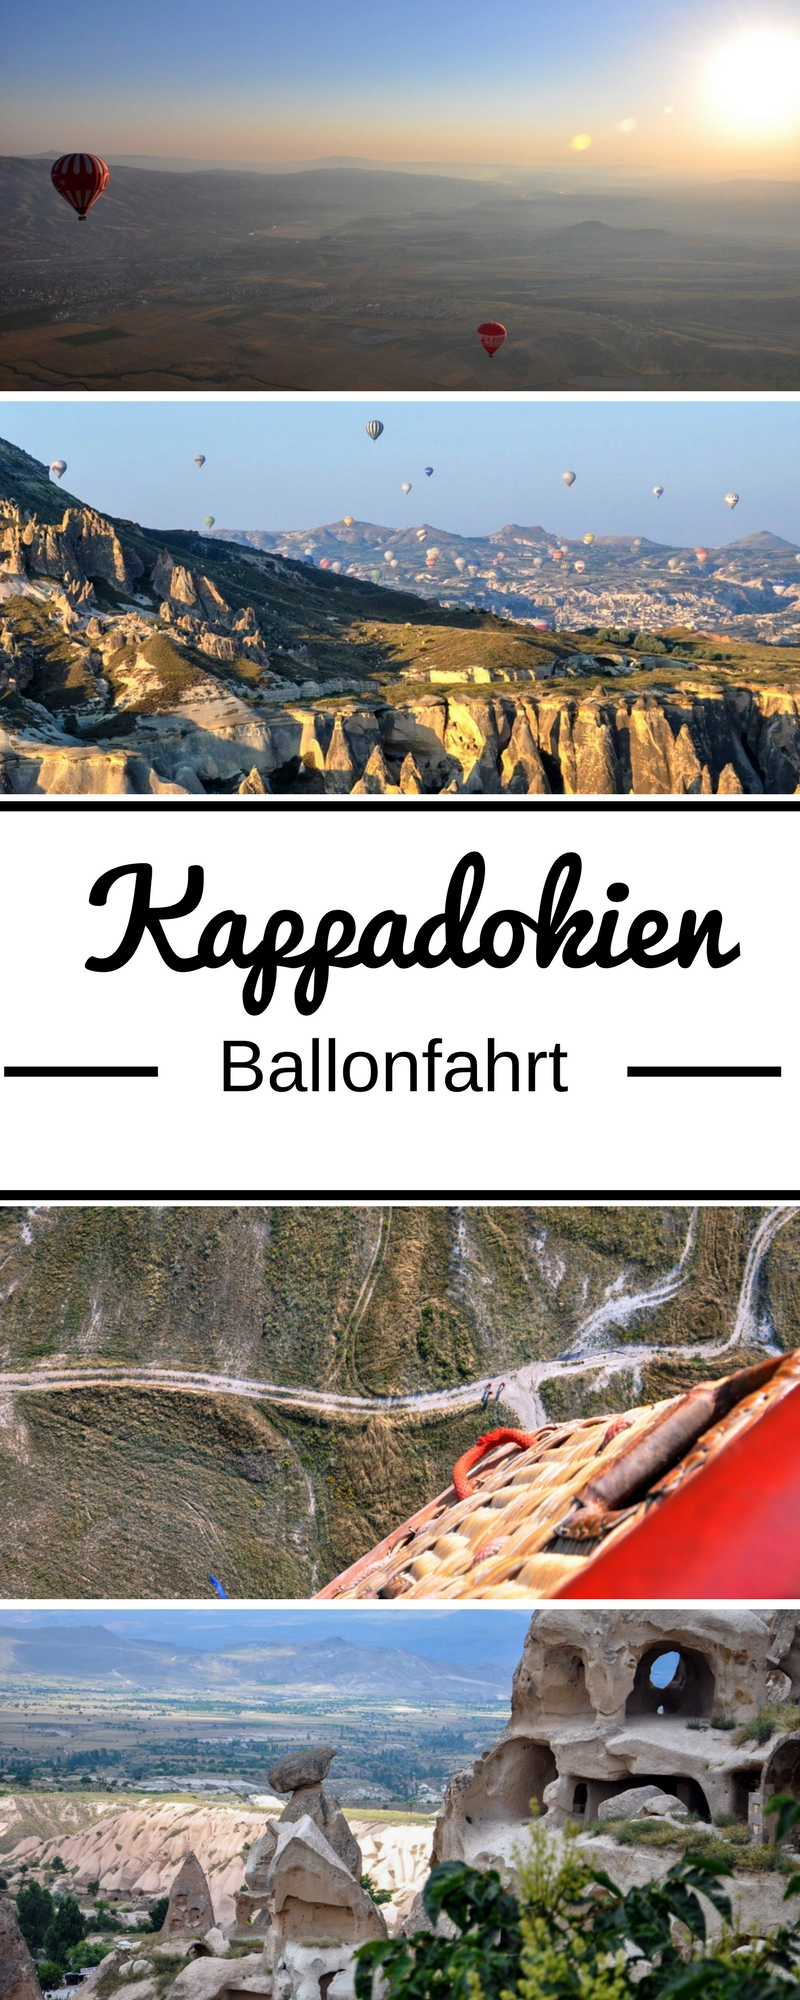 Feenkamine, Höhlenkirchen, unterirdische Städte und fantastische Mondlandschaften. In Kappadokien (Türkei) komme ich mir vor wie in einem Märchen. Erst recht, als ich auf einer Ballonfahrt die zauberhafte Landschaft aus der Luft zu sehen bekomme und das Gefühl habe zu träumen. Mehr Infos und Fotos findet ihr im Reiseblog.